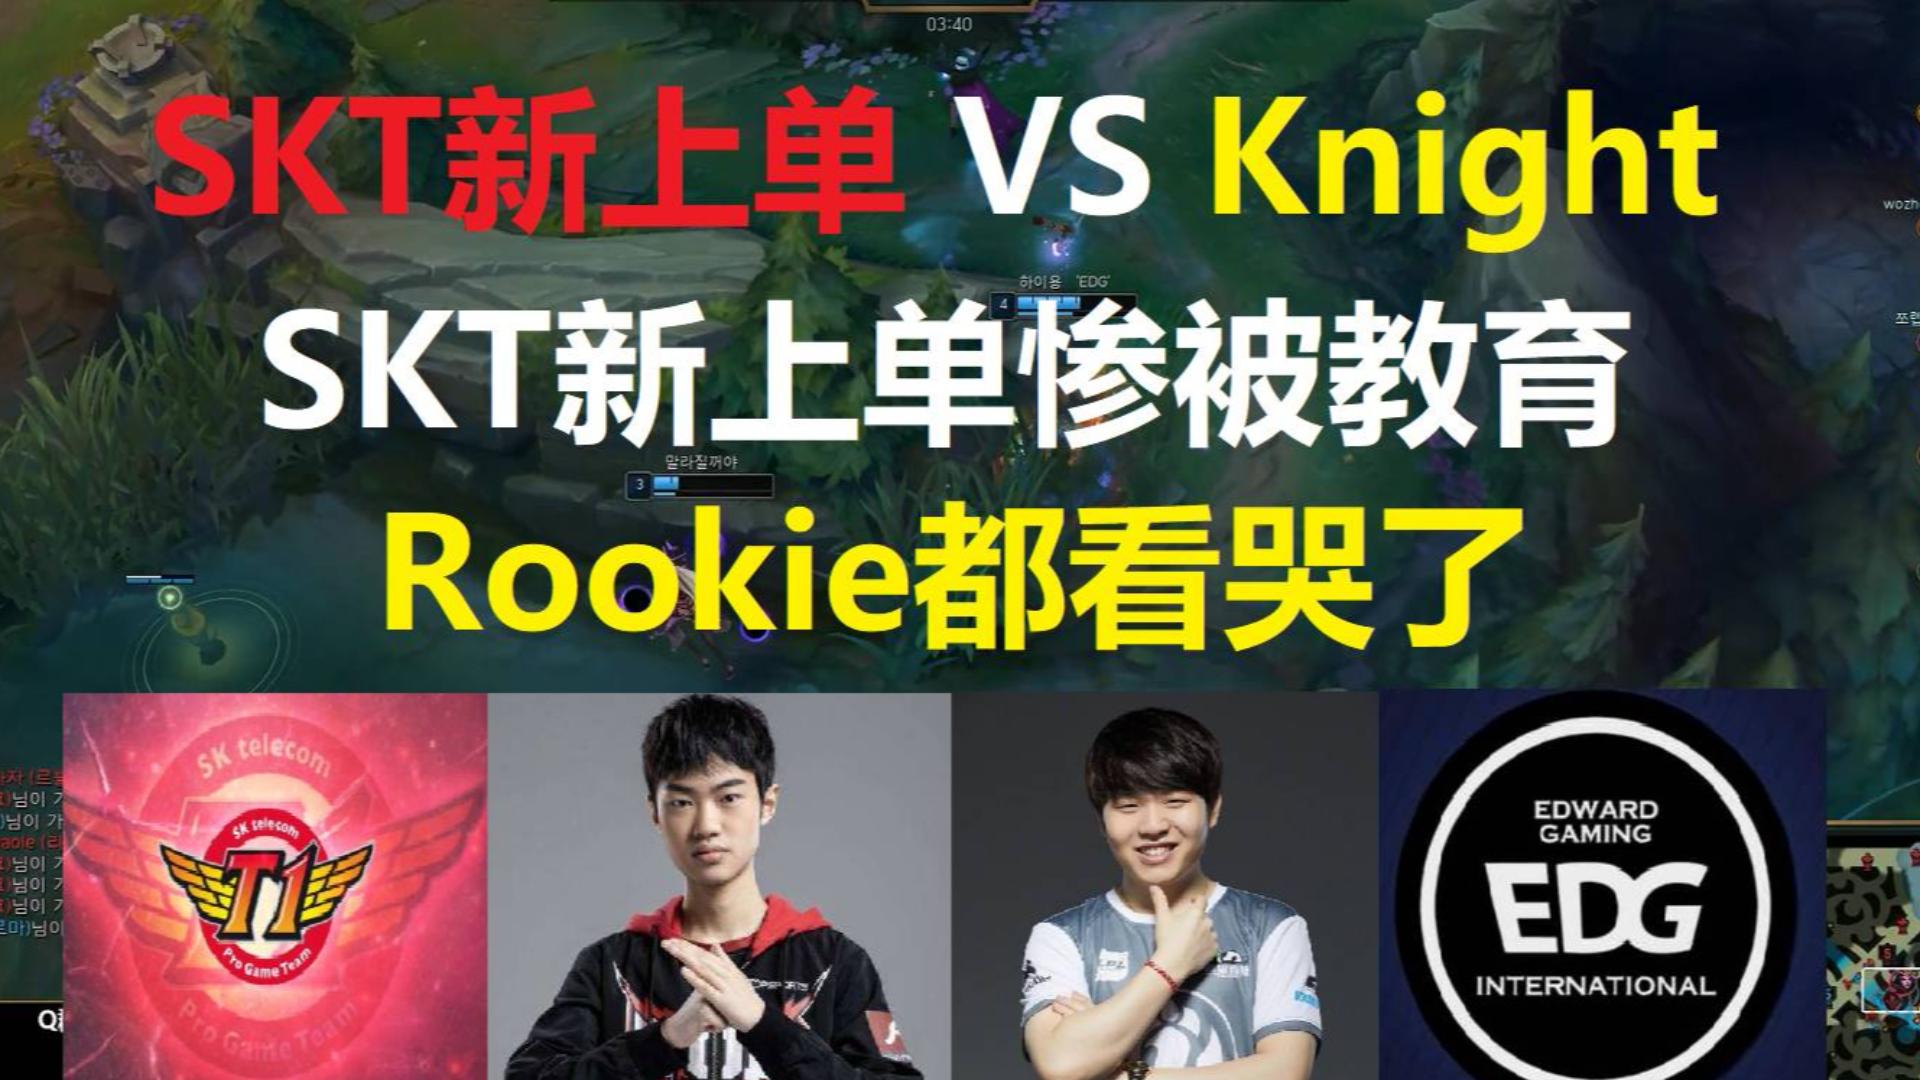 当SKT新上单对上Knight,Rookie都不忍心看下去了,十人全明星